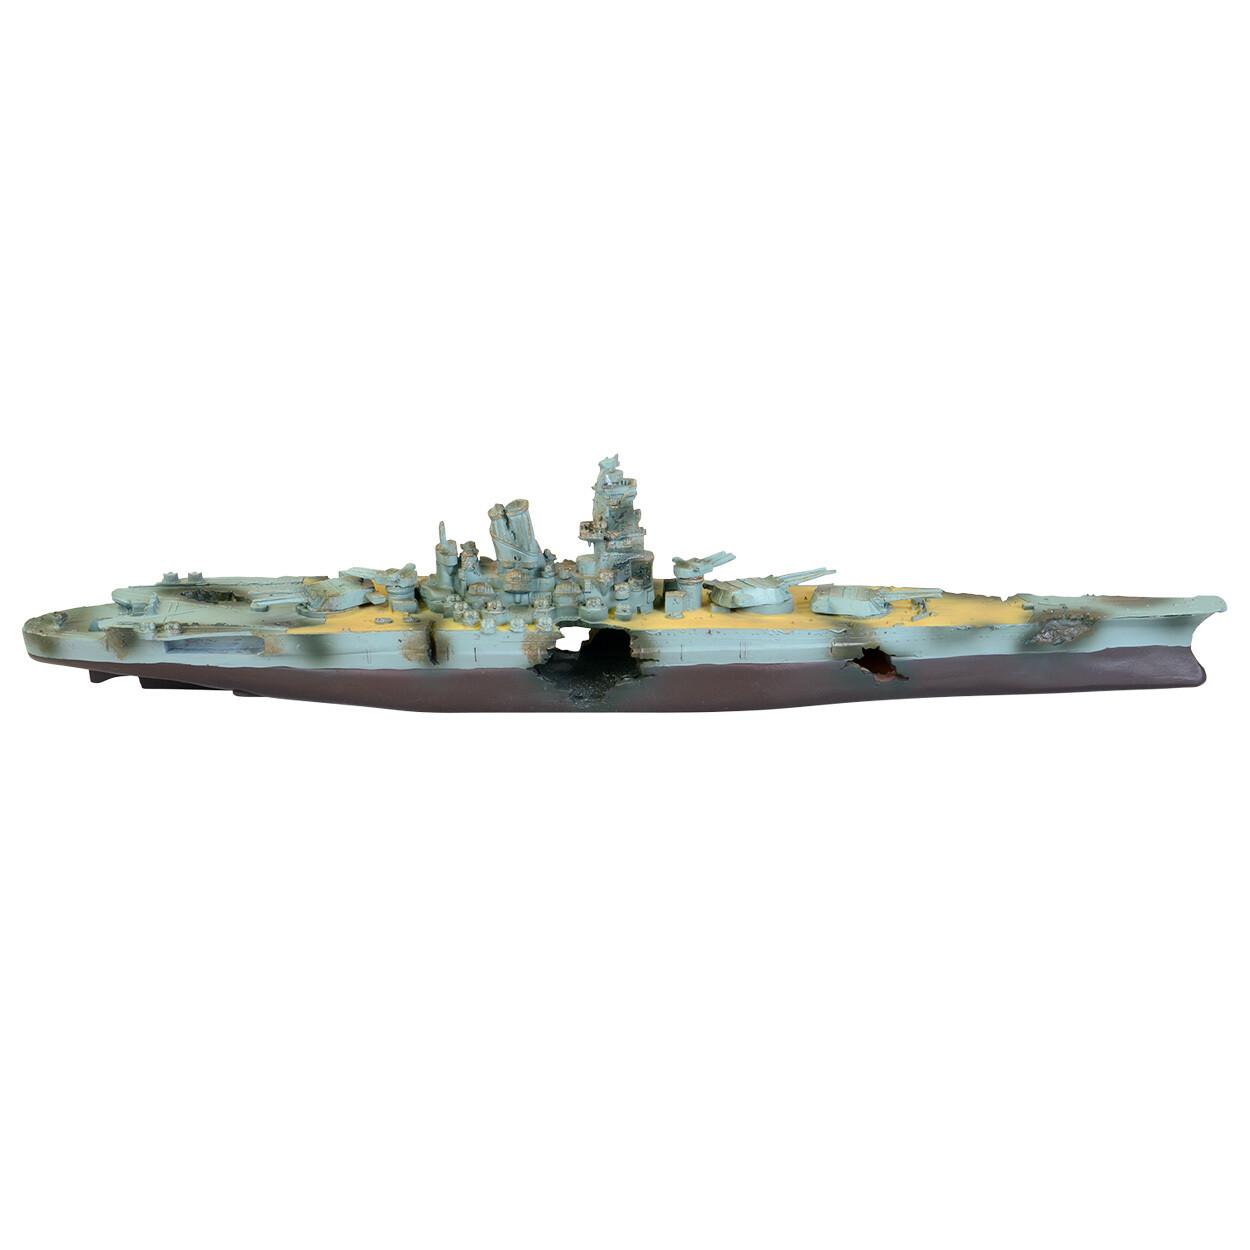 Underwater Treasures Battleship 2 pc